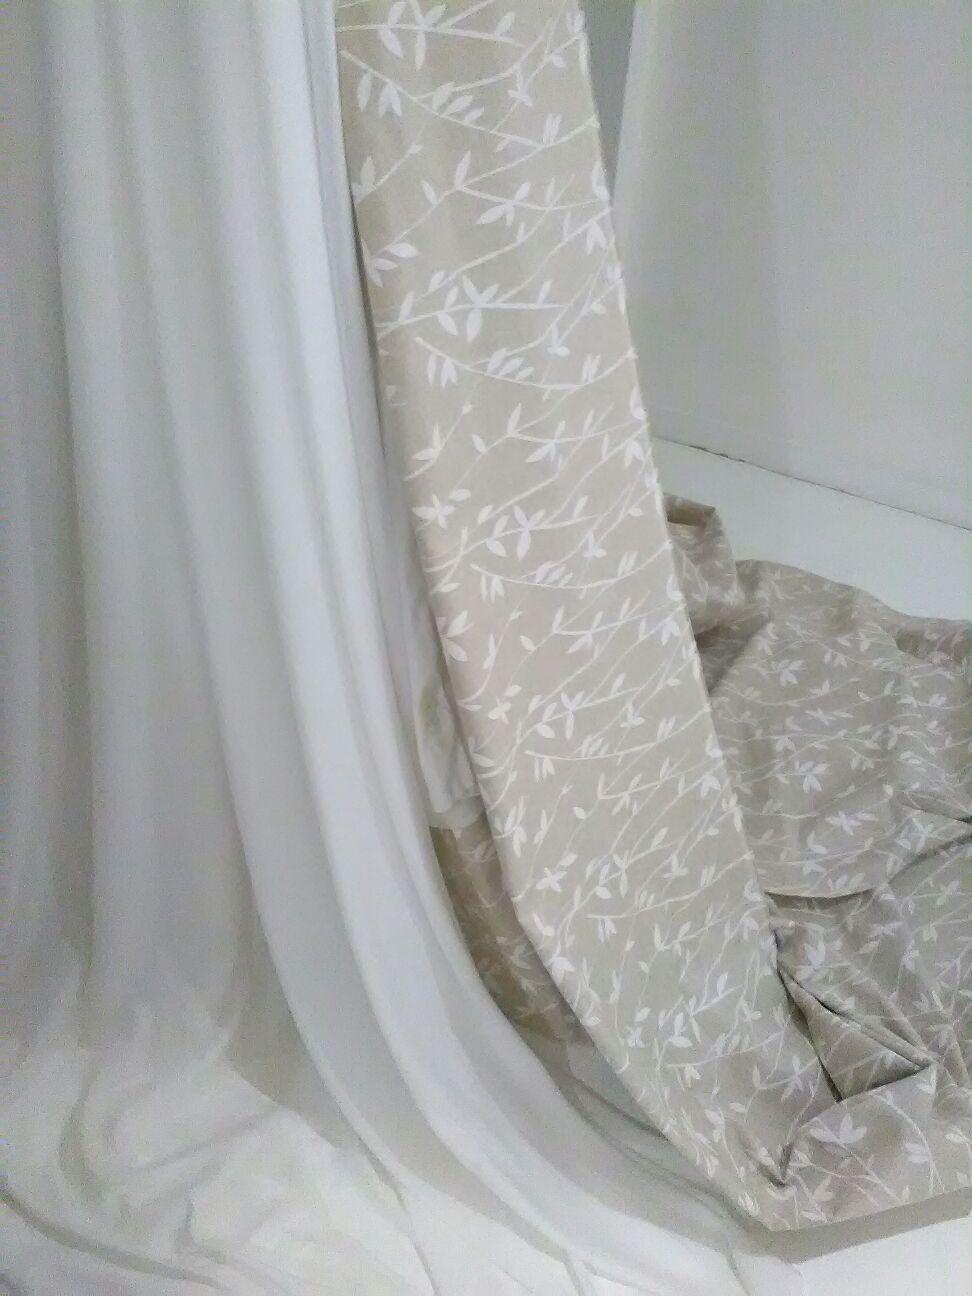 tessuto chiaro per tende da interni